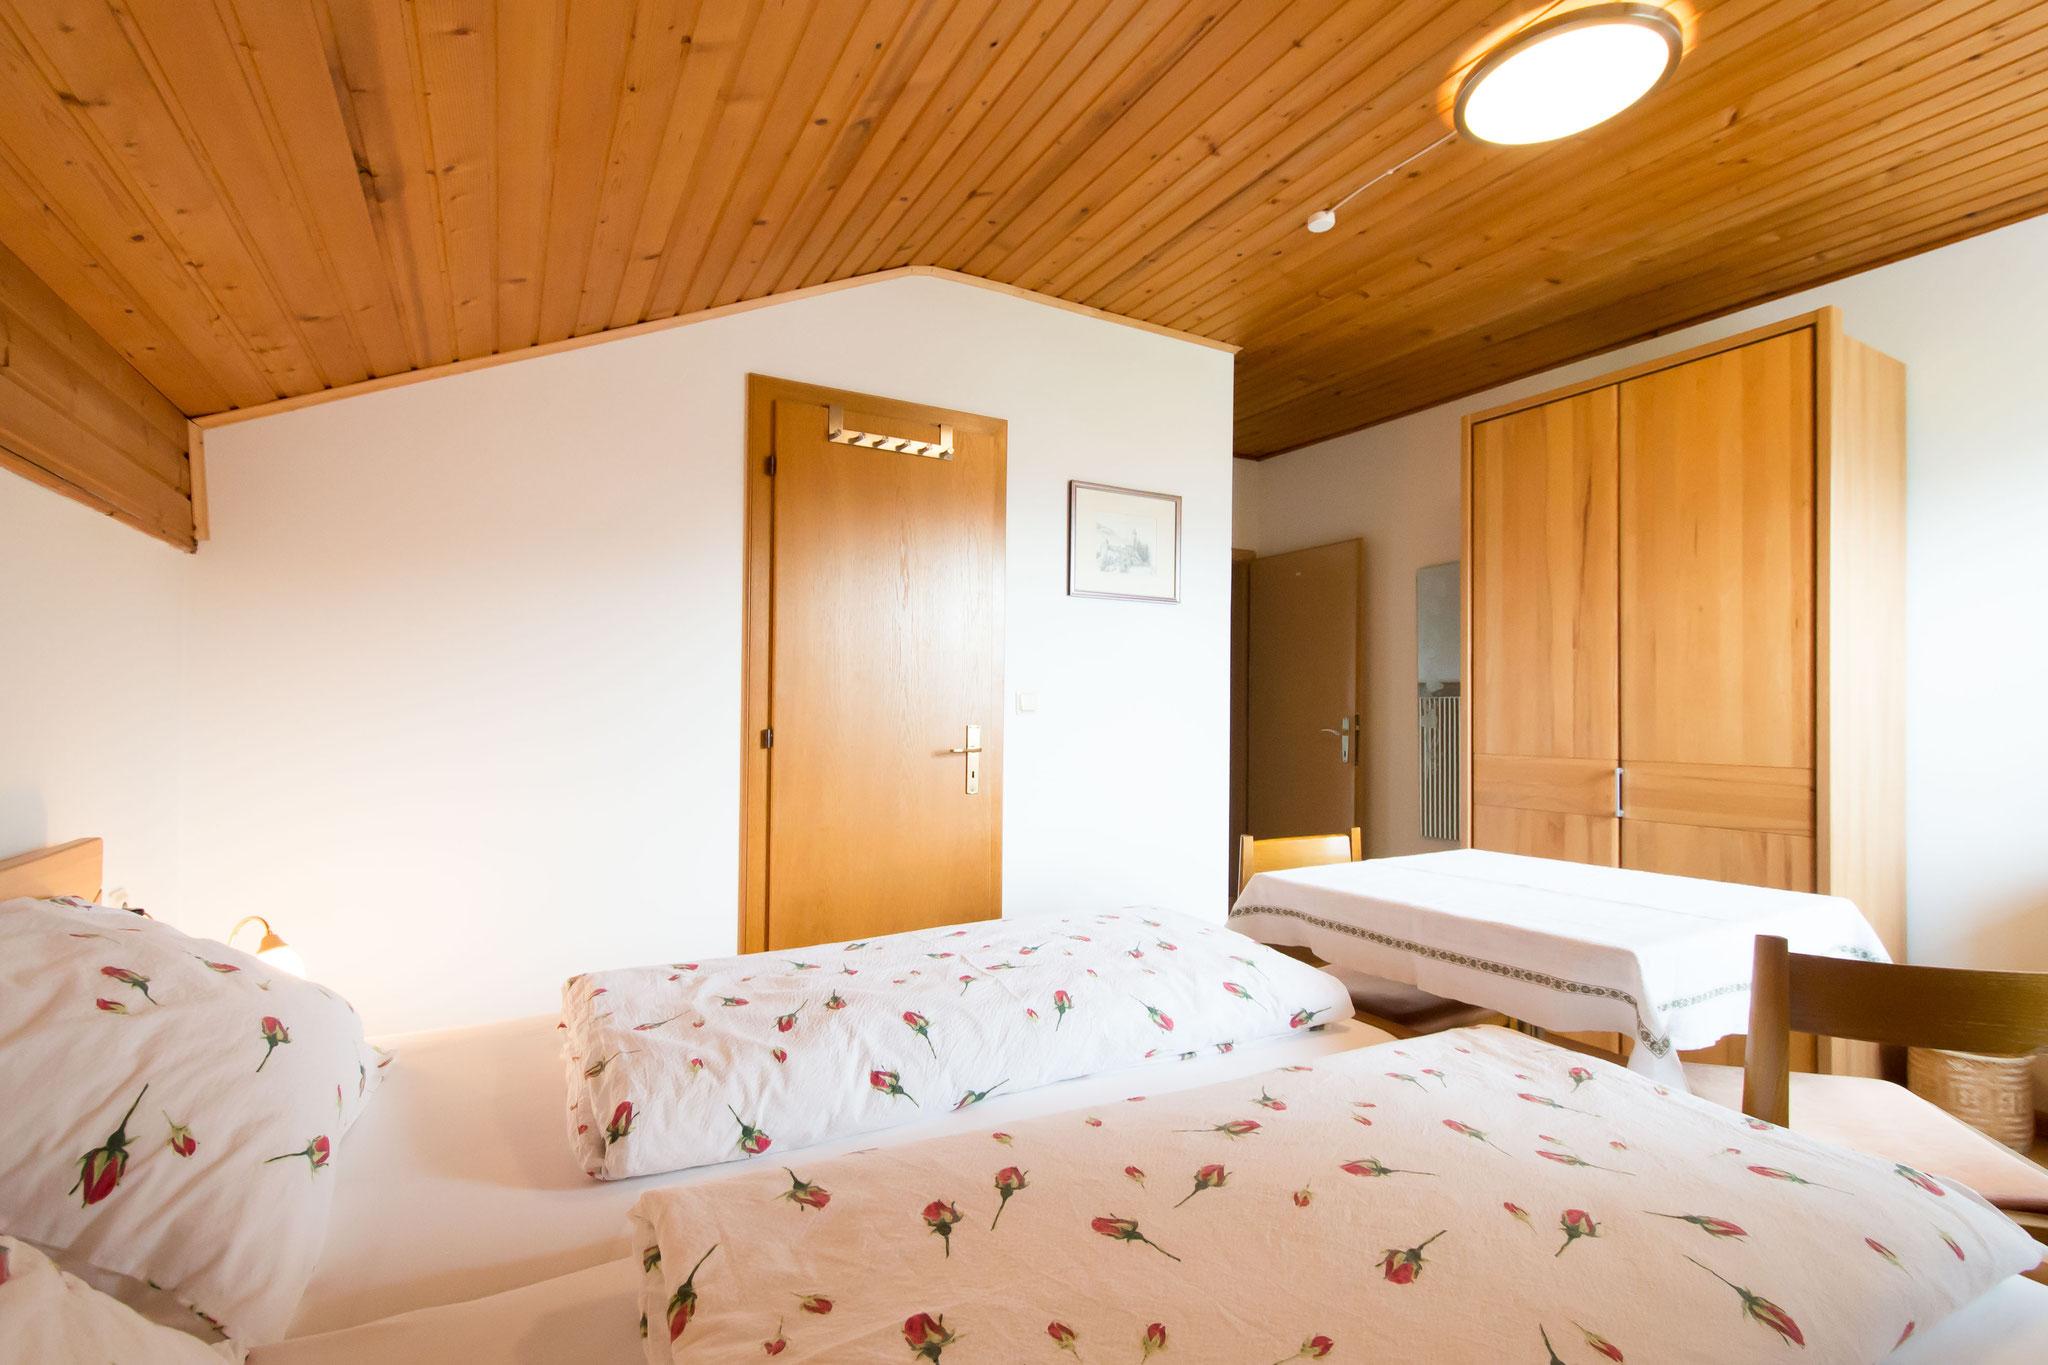 Die Betten und die Tür zum Bad